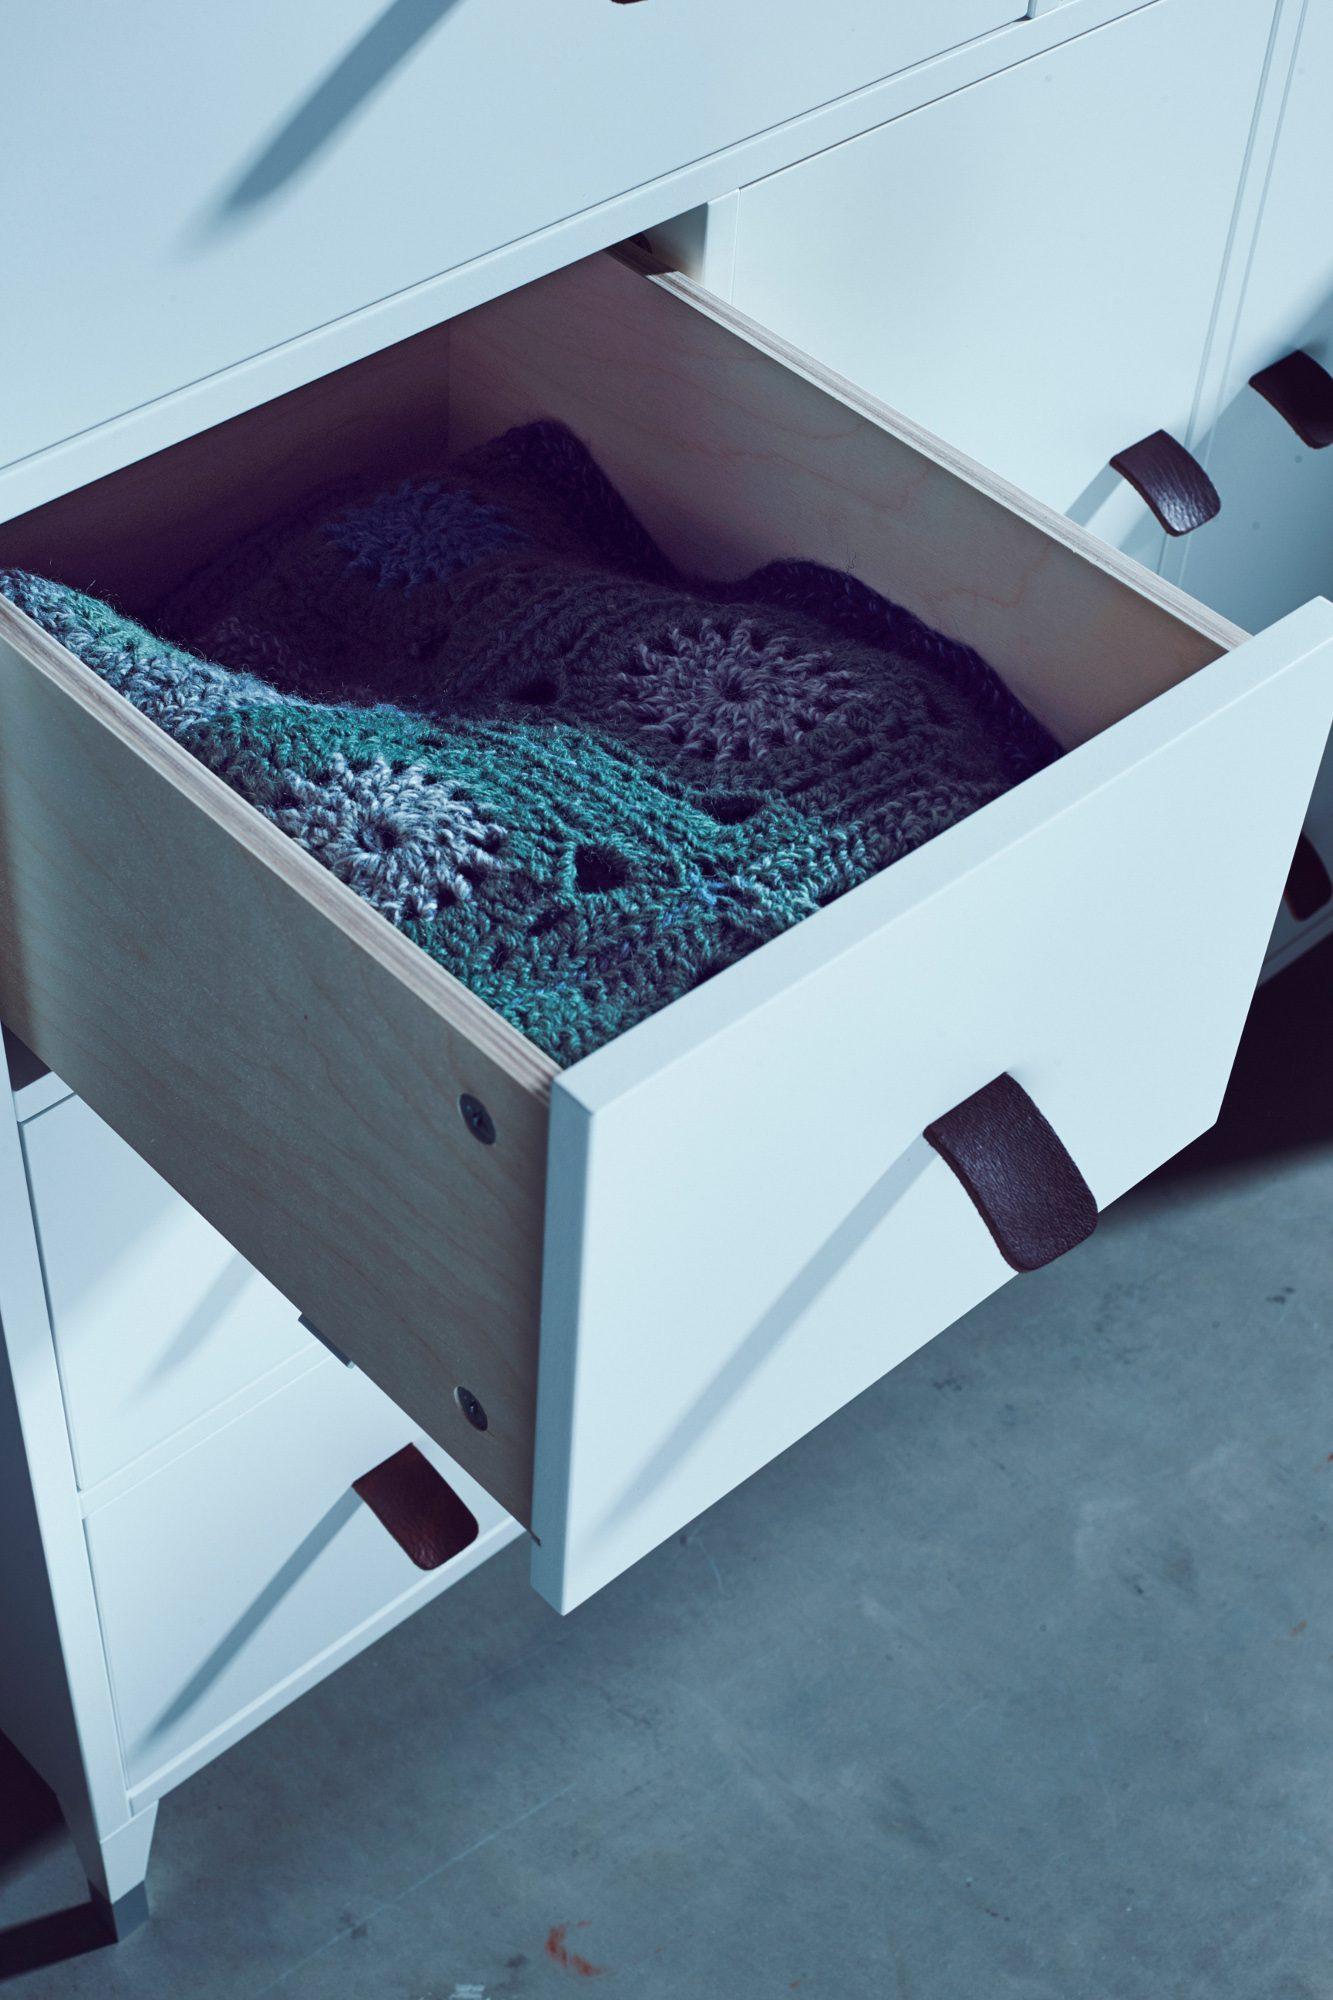 Abisko skänk med öppen låda